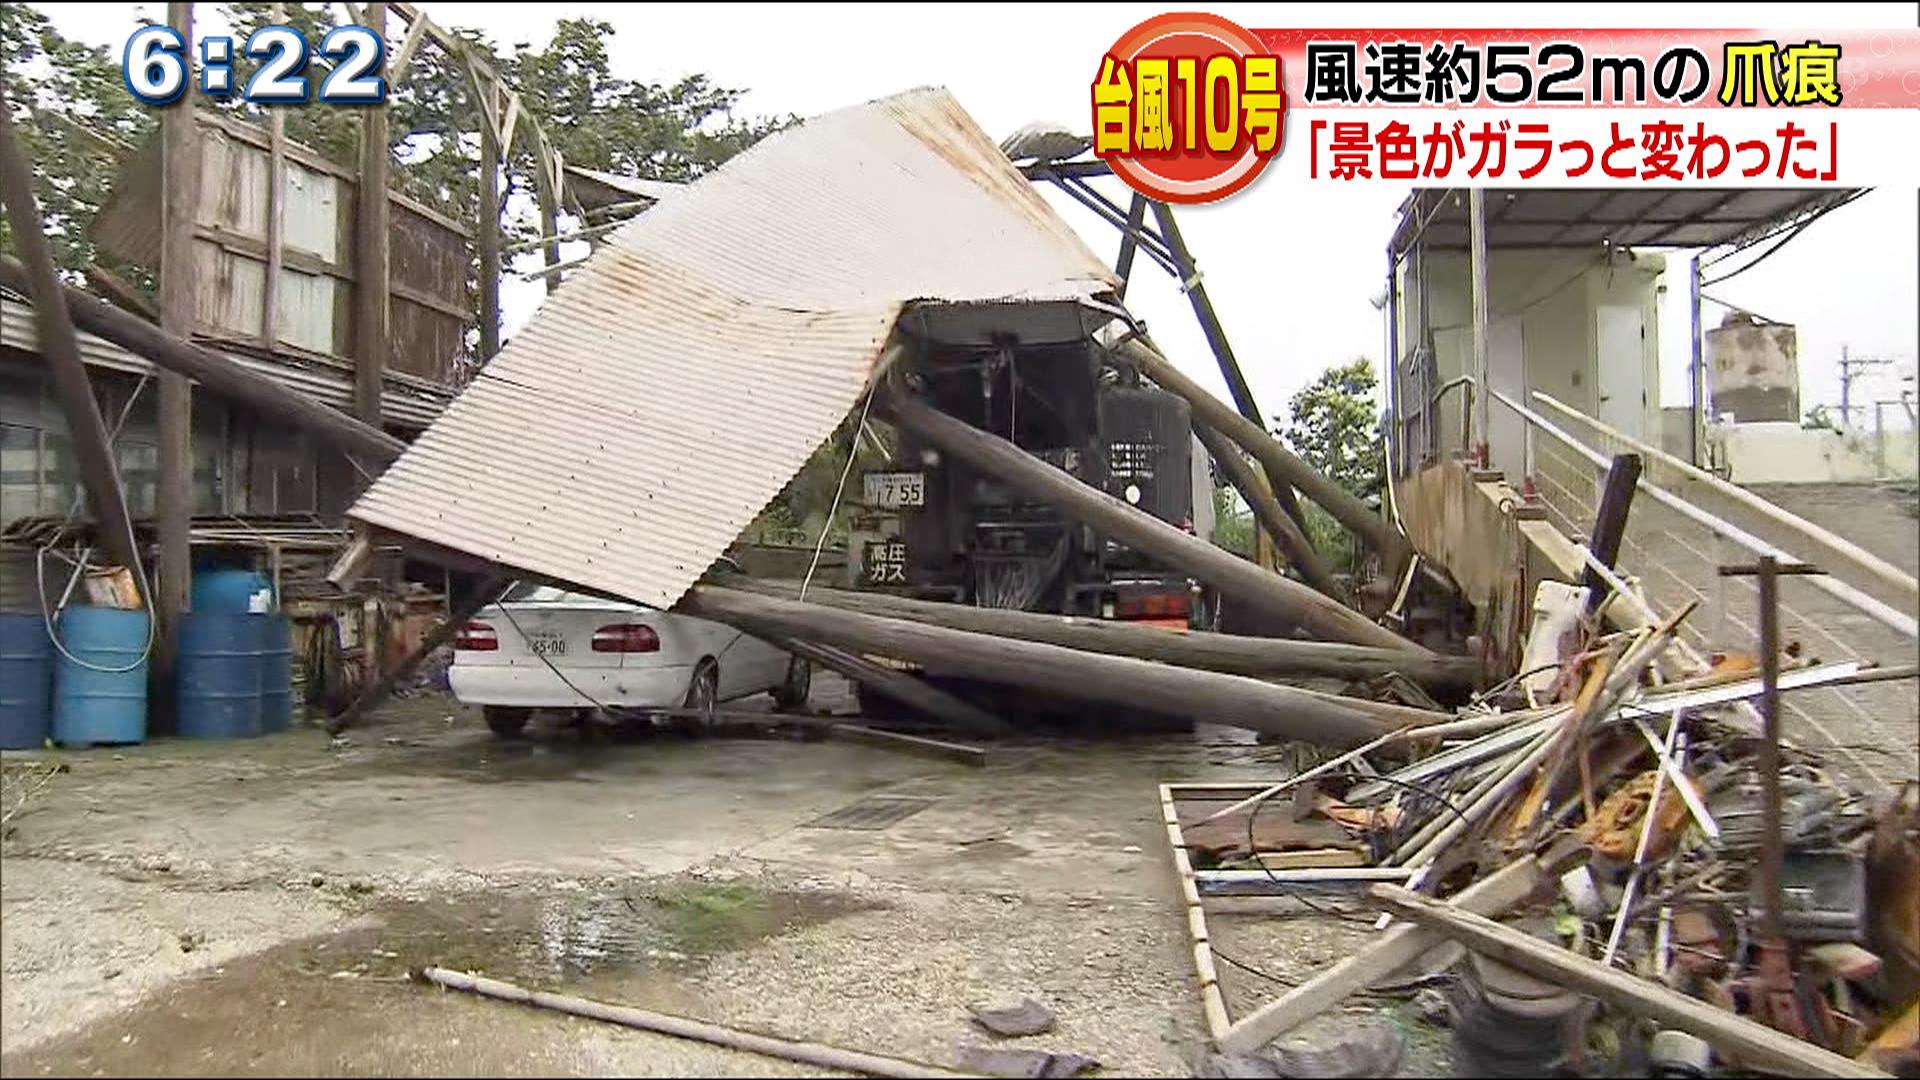 数十年に一度のスーパー台風10号の爪痕